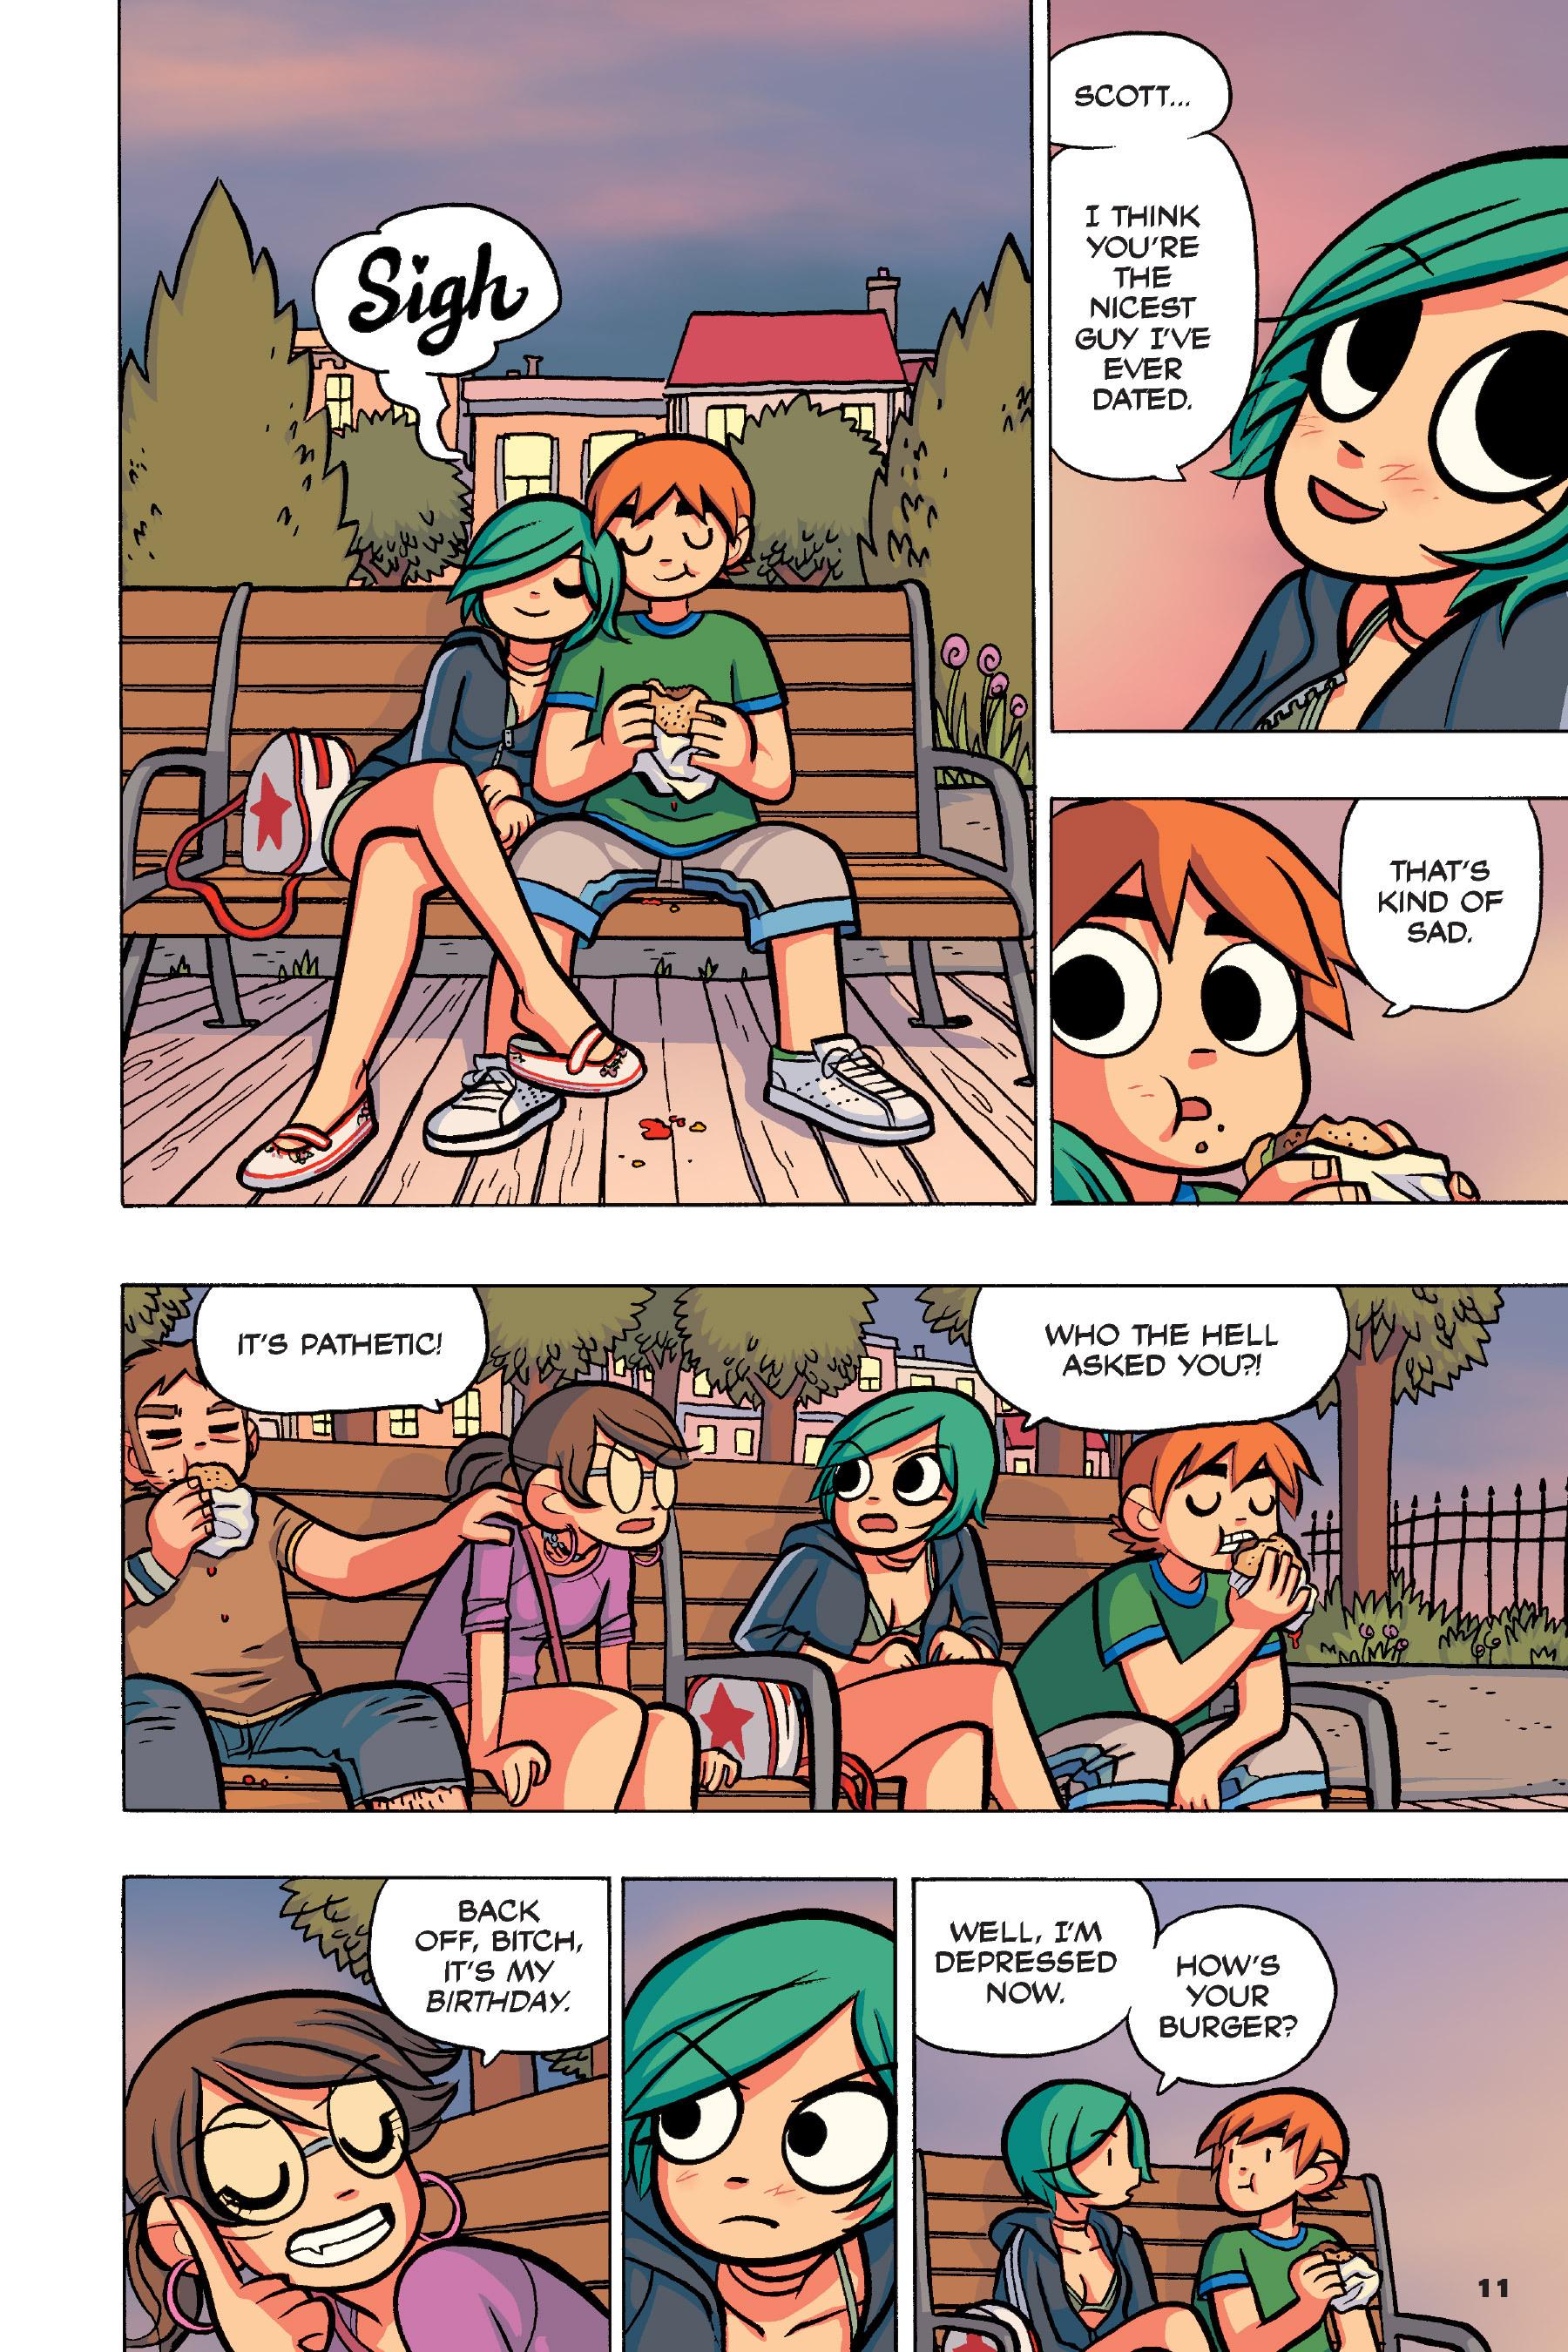 Read online Scott Pilgrim comic -  Issue #4 - 10